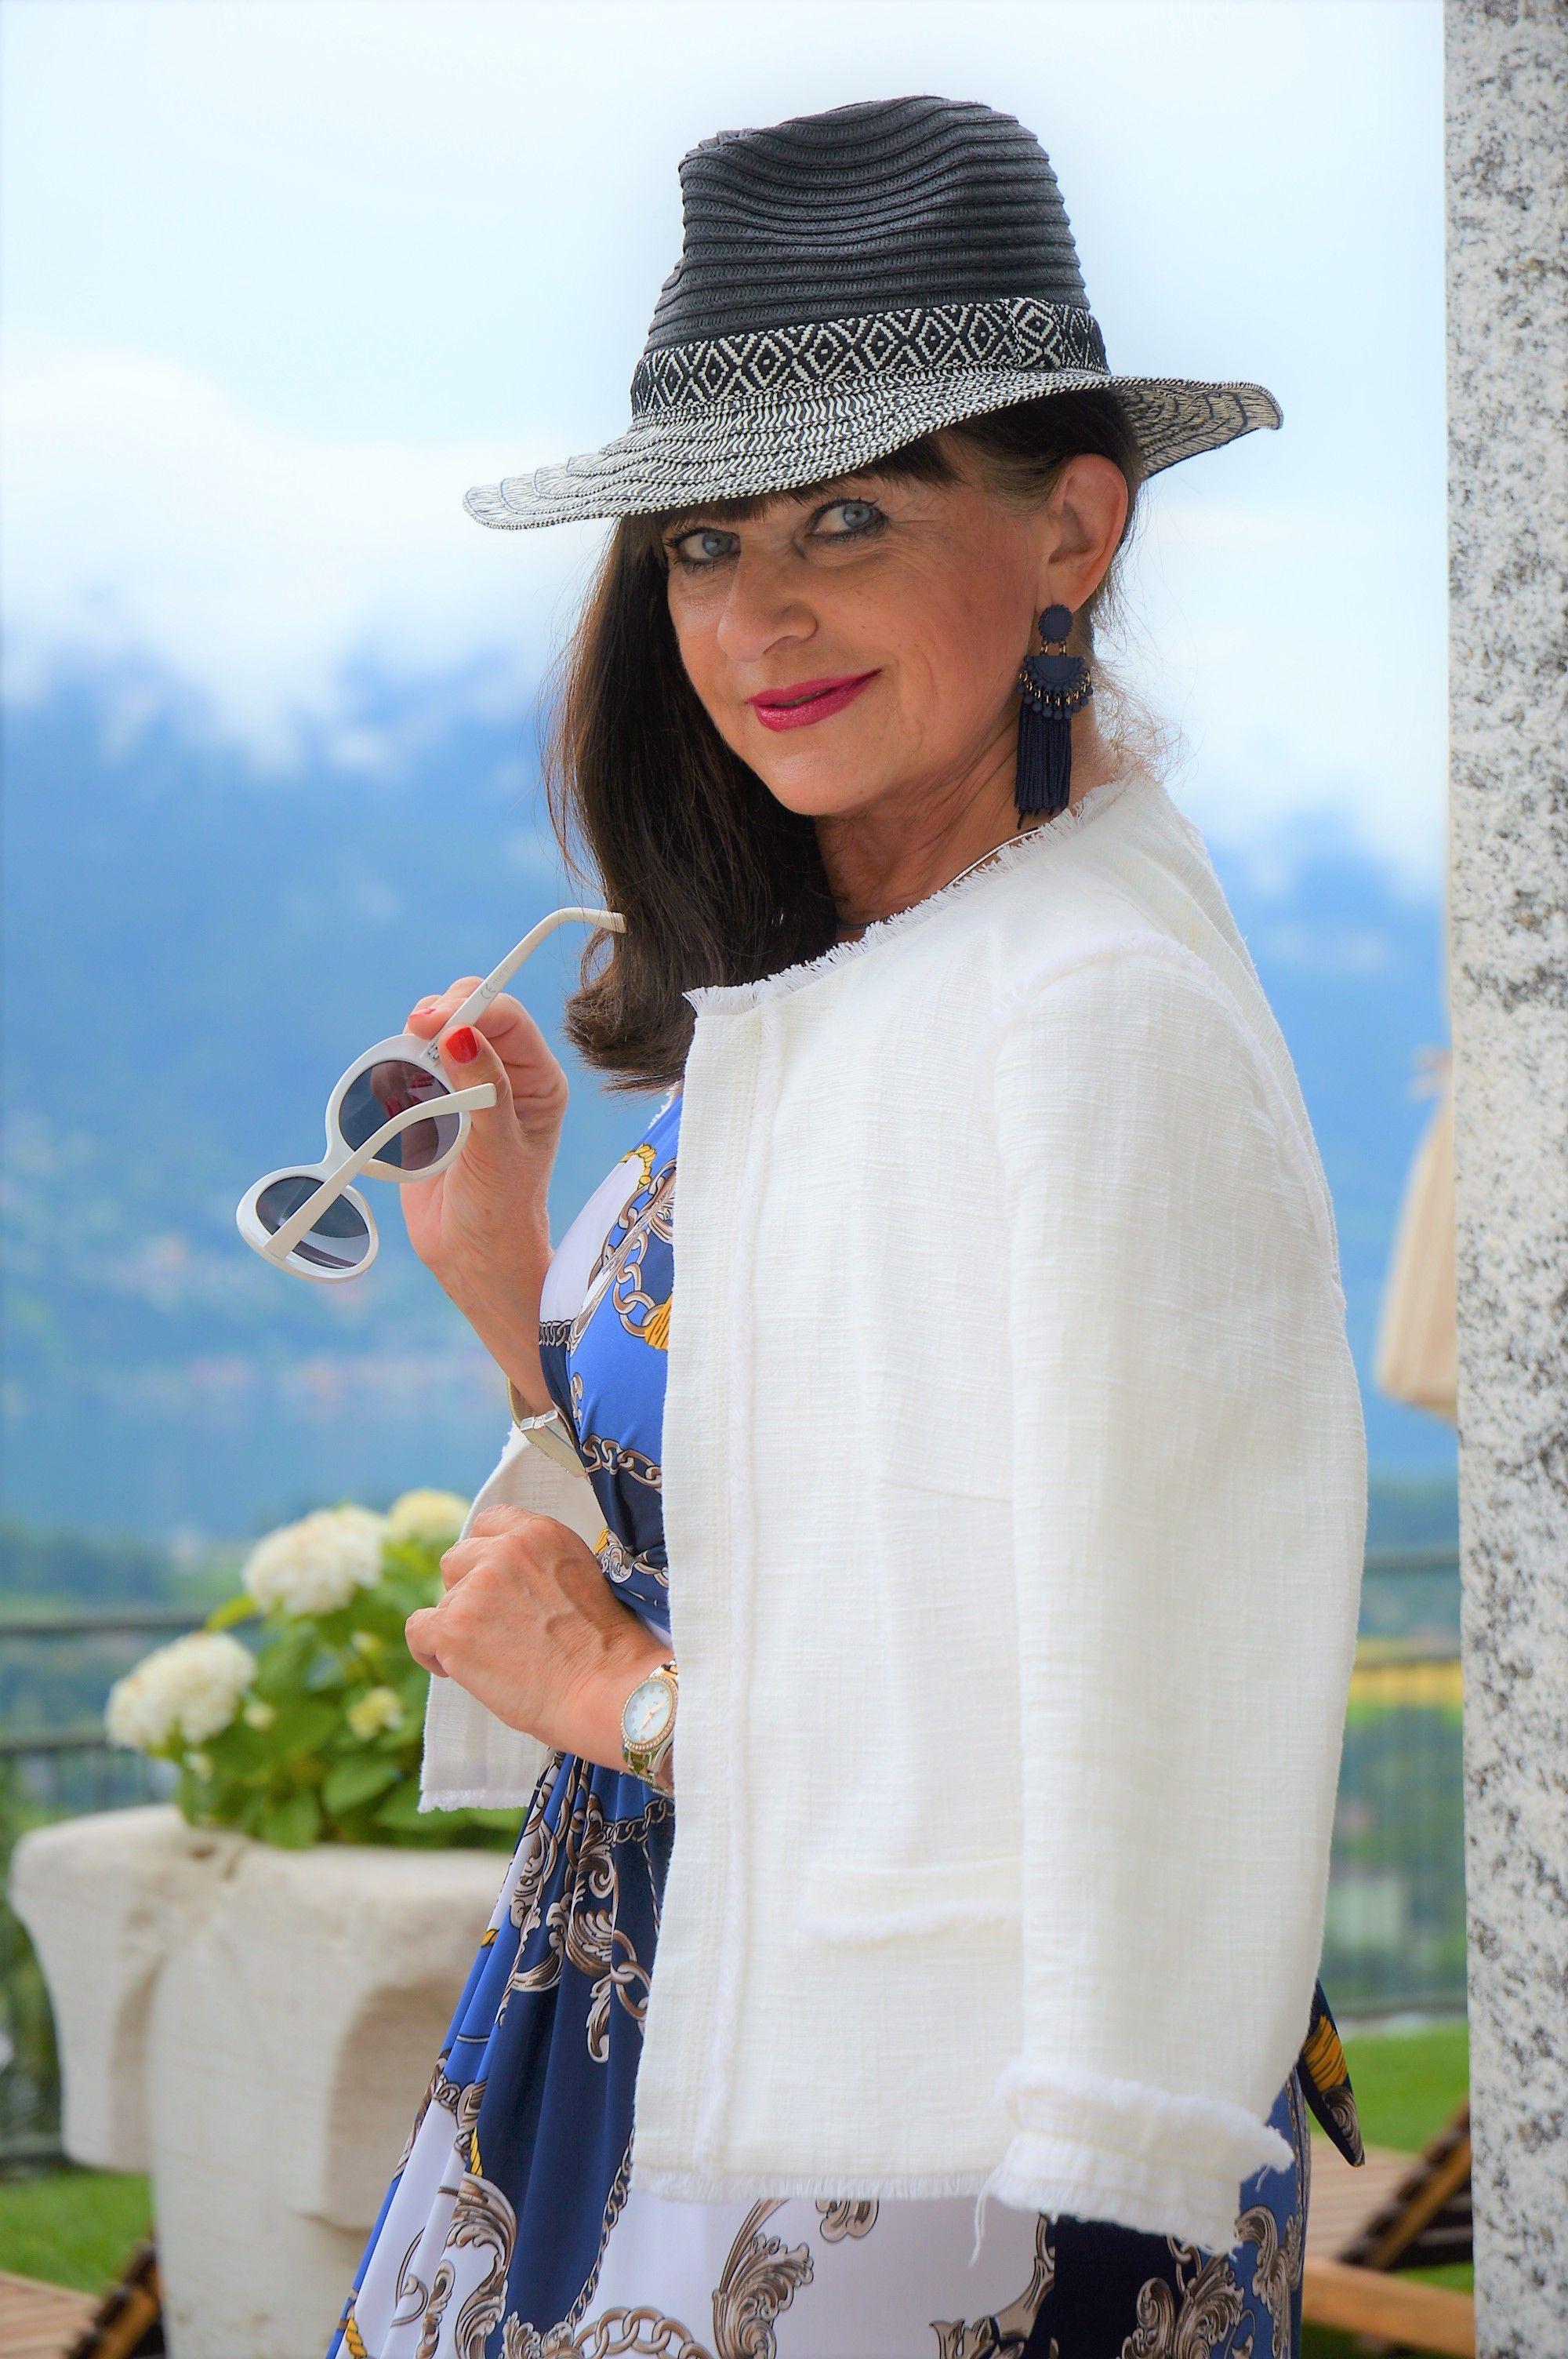 a2164dc46f1e Einen schicken weißen Blazer kombiniere ich mit einem gemusterten Maxikleid.  Dazu lange Ohrringe und einen Hut. Der sommerliche Abendlook ist perfekt.